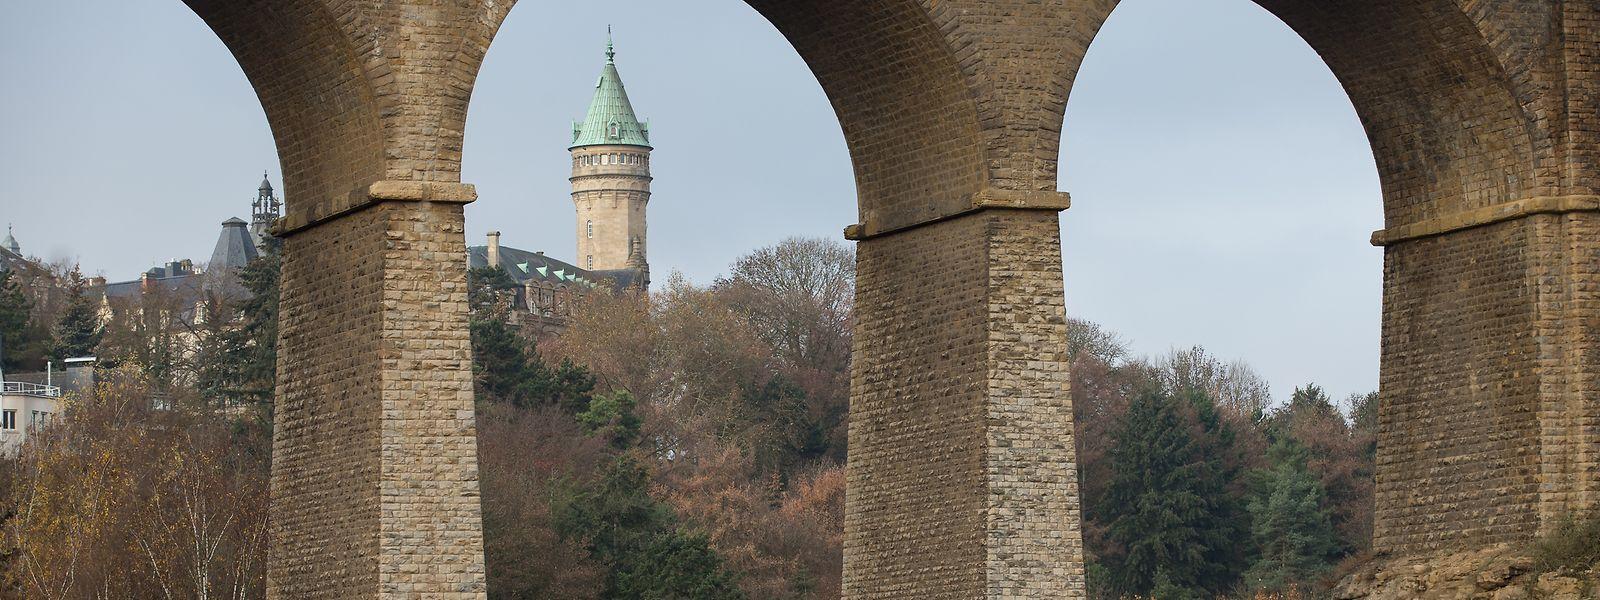 Die Passerelle in der Altstadt von Luxemburg wird seit Oktober von 15,30 auf 17,70 Meter verbreitert. Ziel ist es, den Verkehrsfluss zu verbessern.